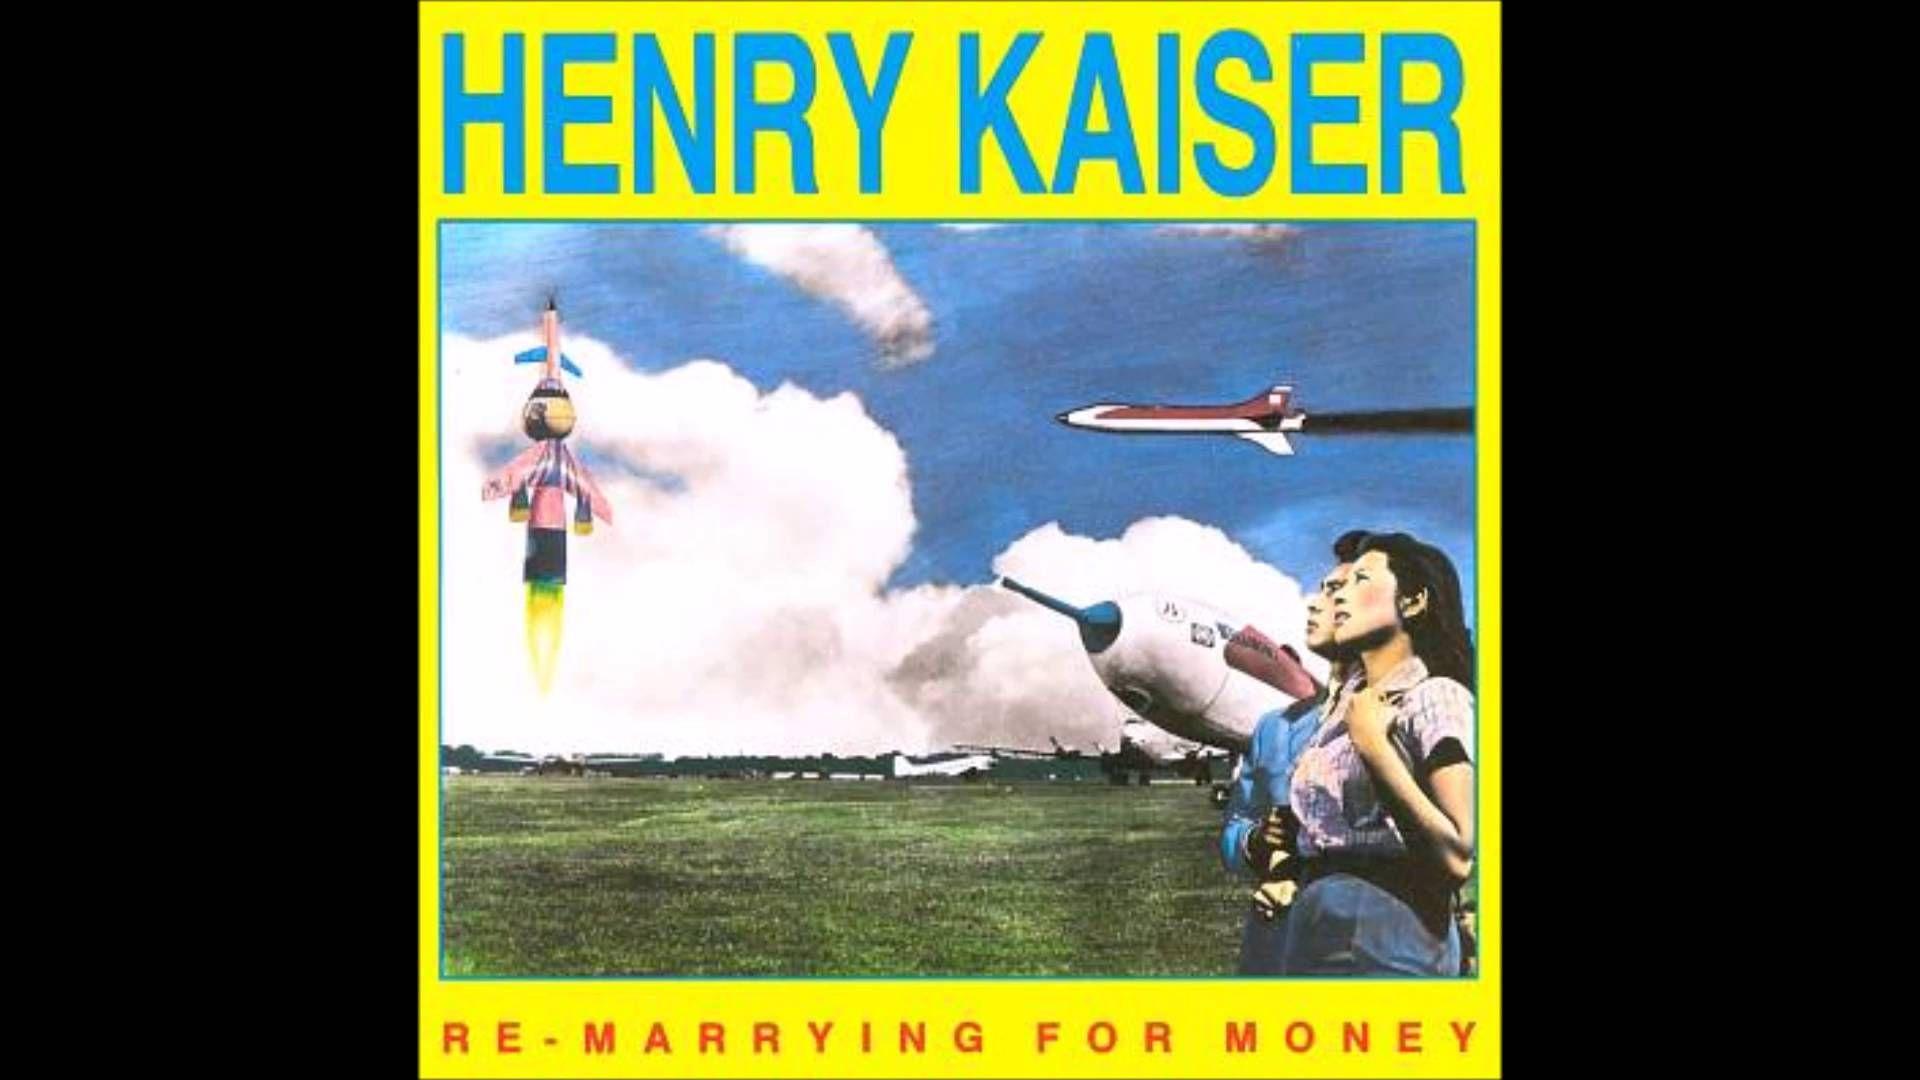 Henry Kaiser - I'm So Glad (Re-marrying for Money, 1988)